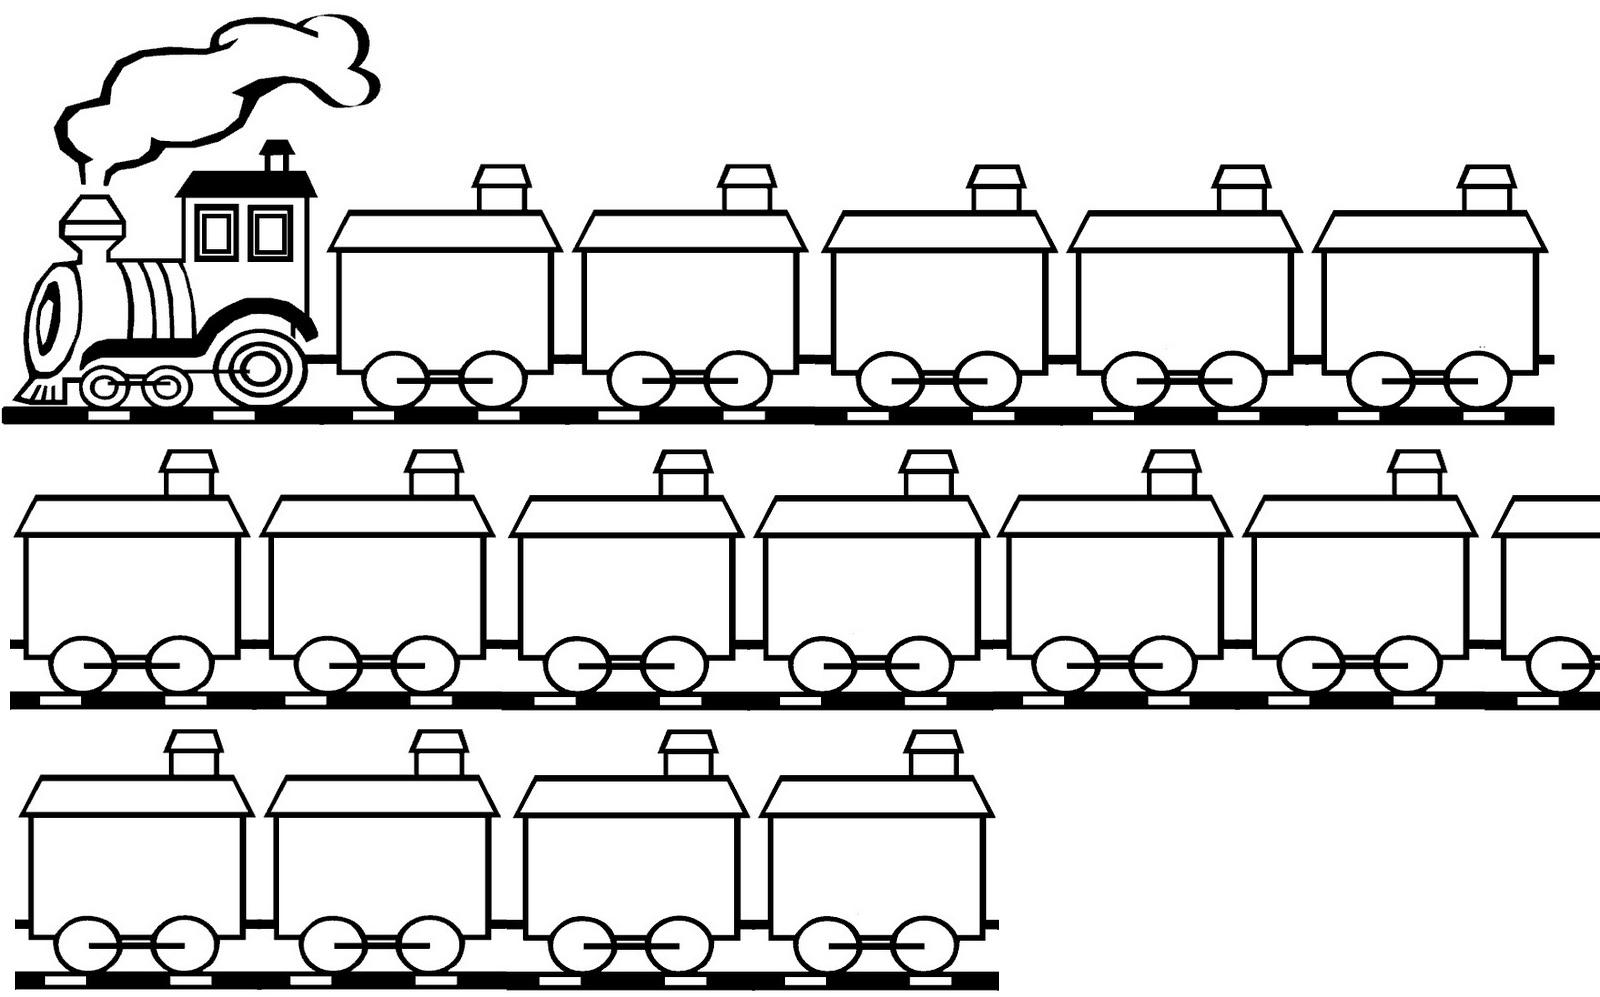 гражданской картинки вагонов раскраски имеют